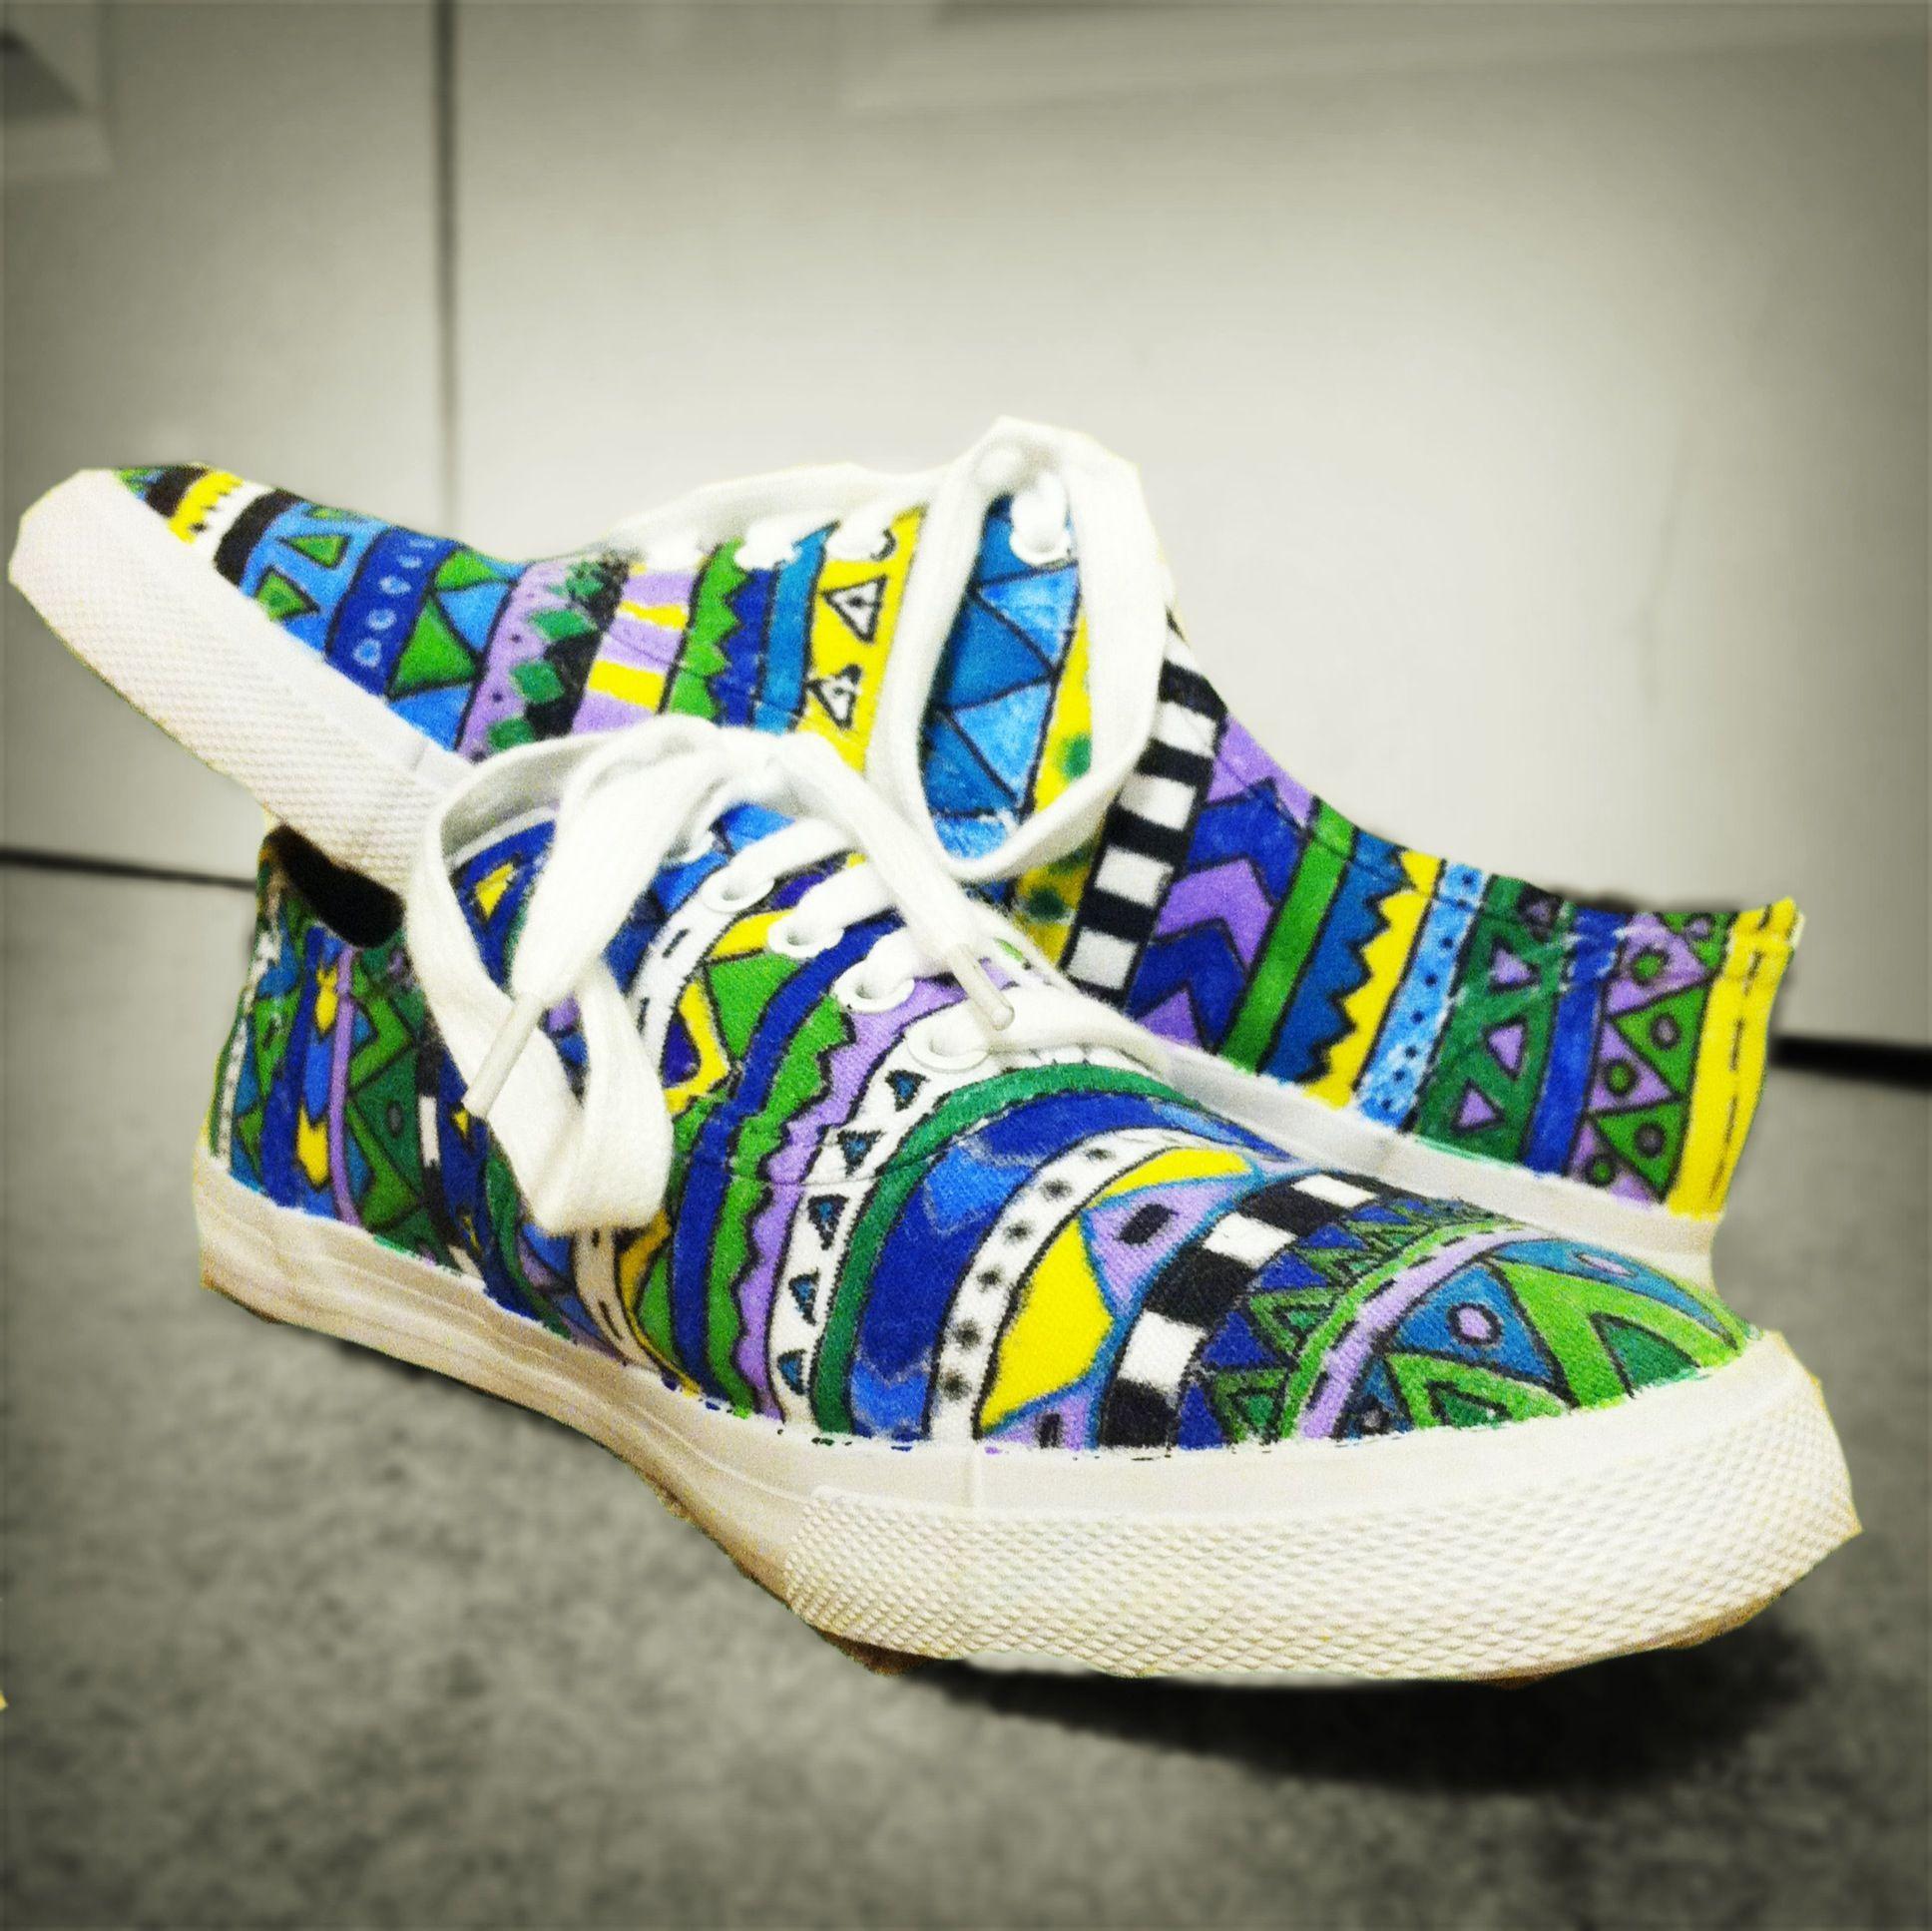 Diy Shoe Design Designer Shoes Design Your Own Shoes Kid